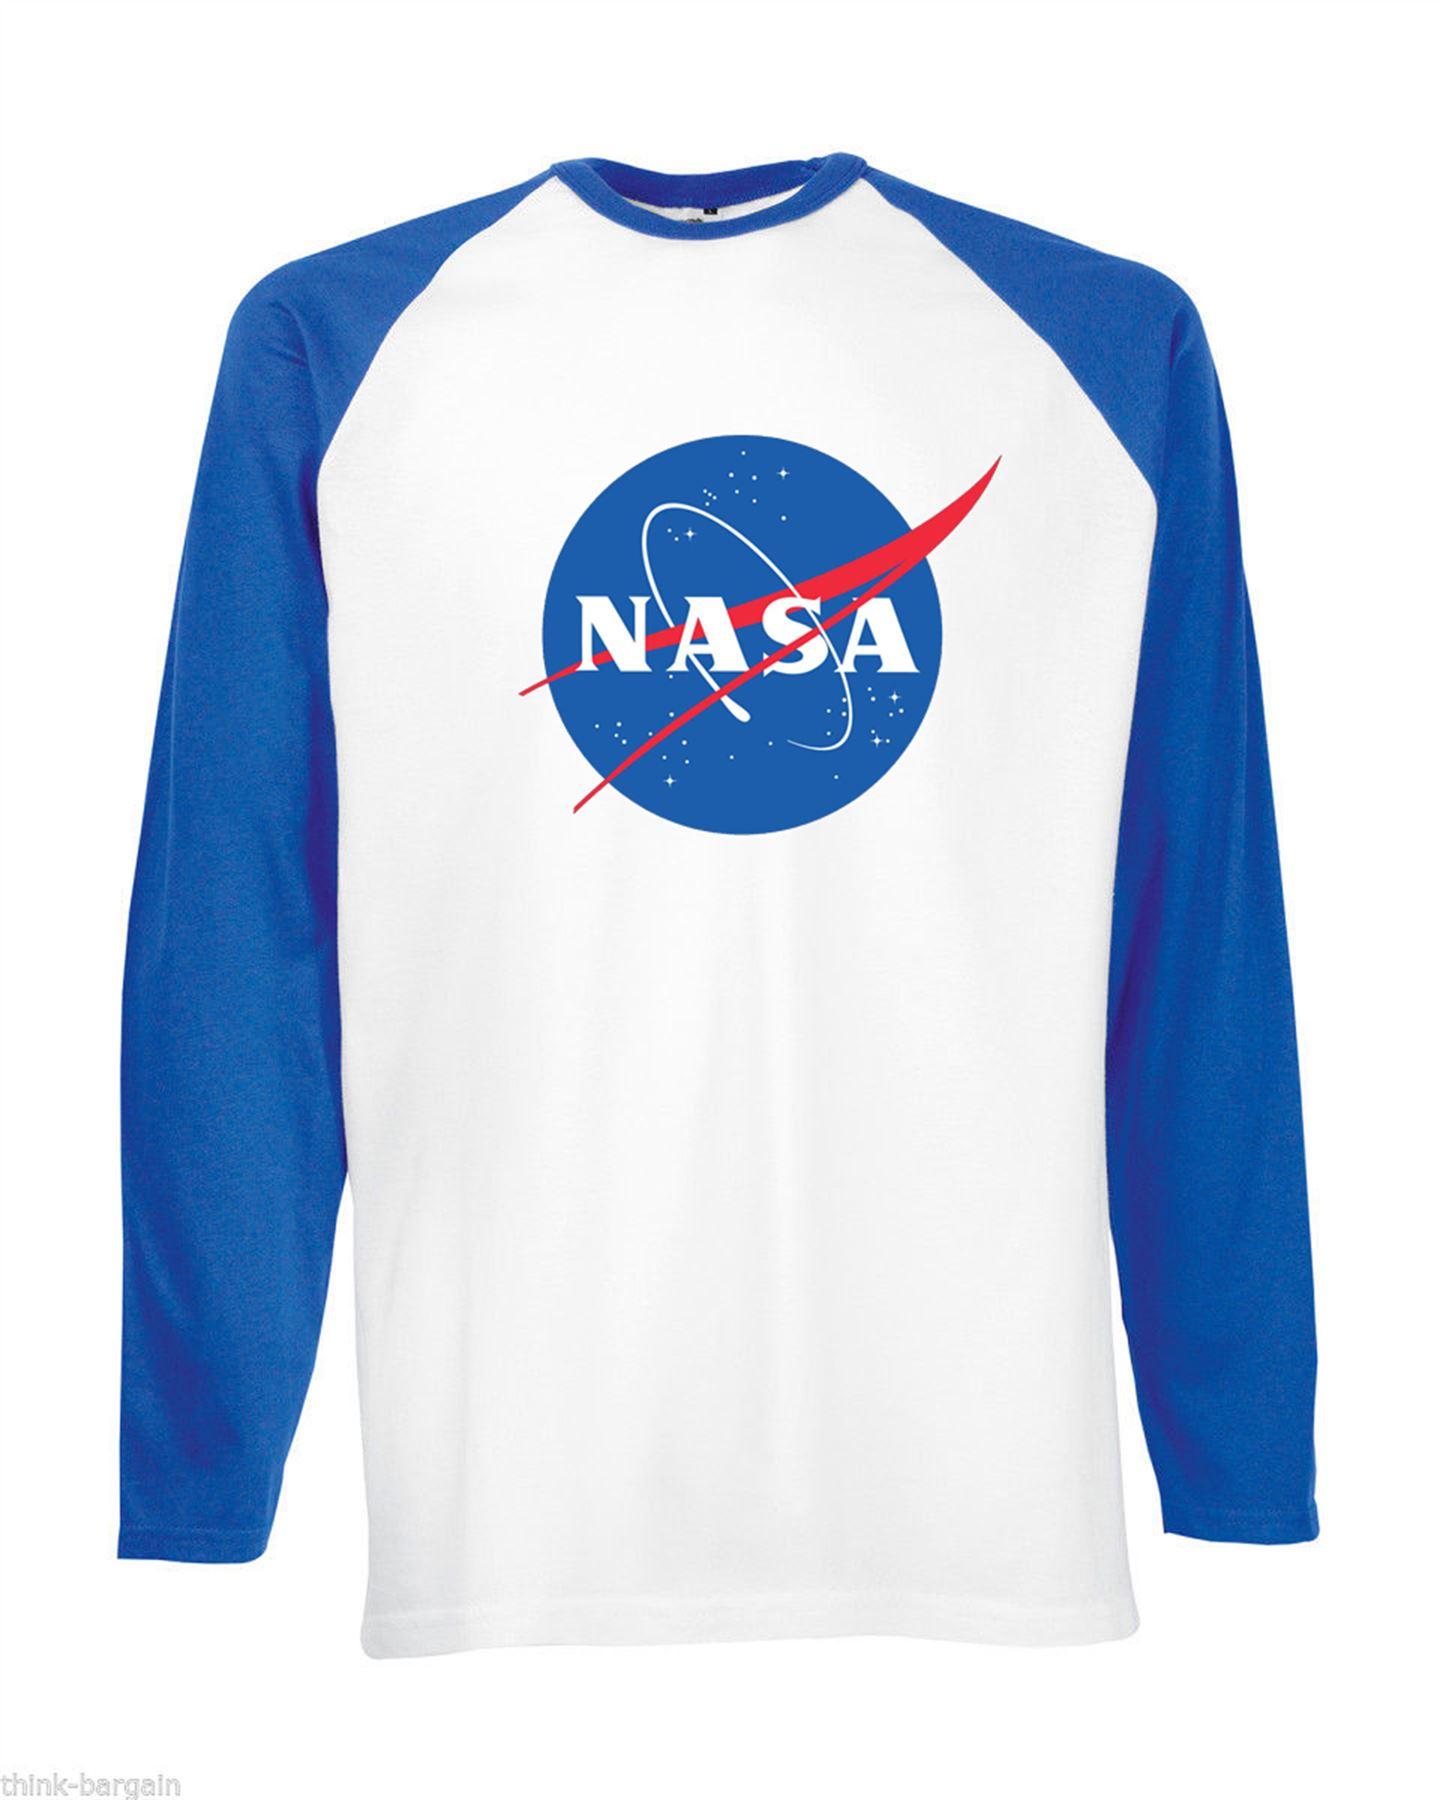 Nasa space mens t shirt long sleeve astronaut nerd raglan for Best baseball t shirts